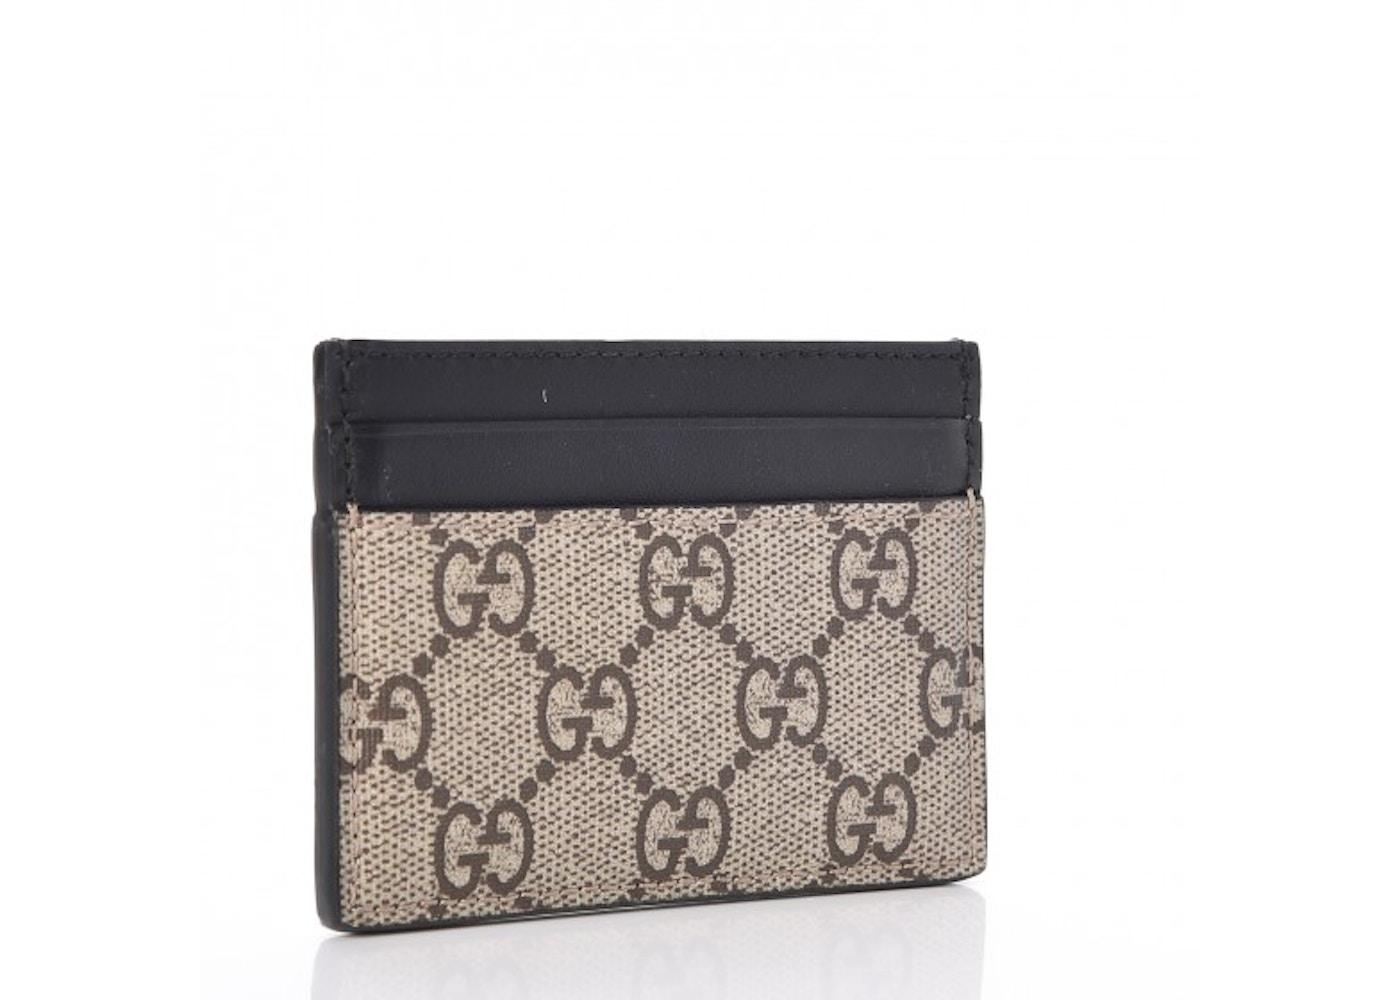 c9dac9e38994 Buy & Sell Luxury Handbags